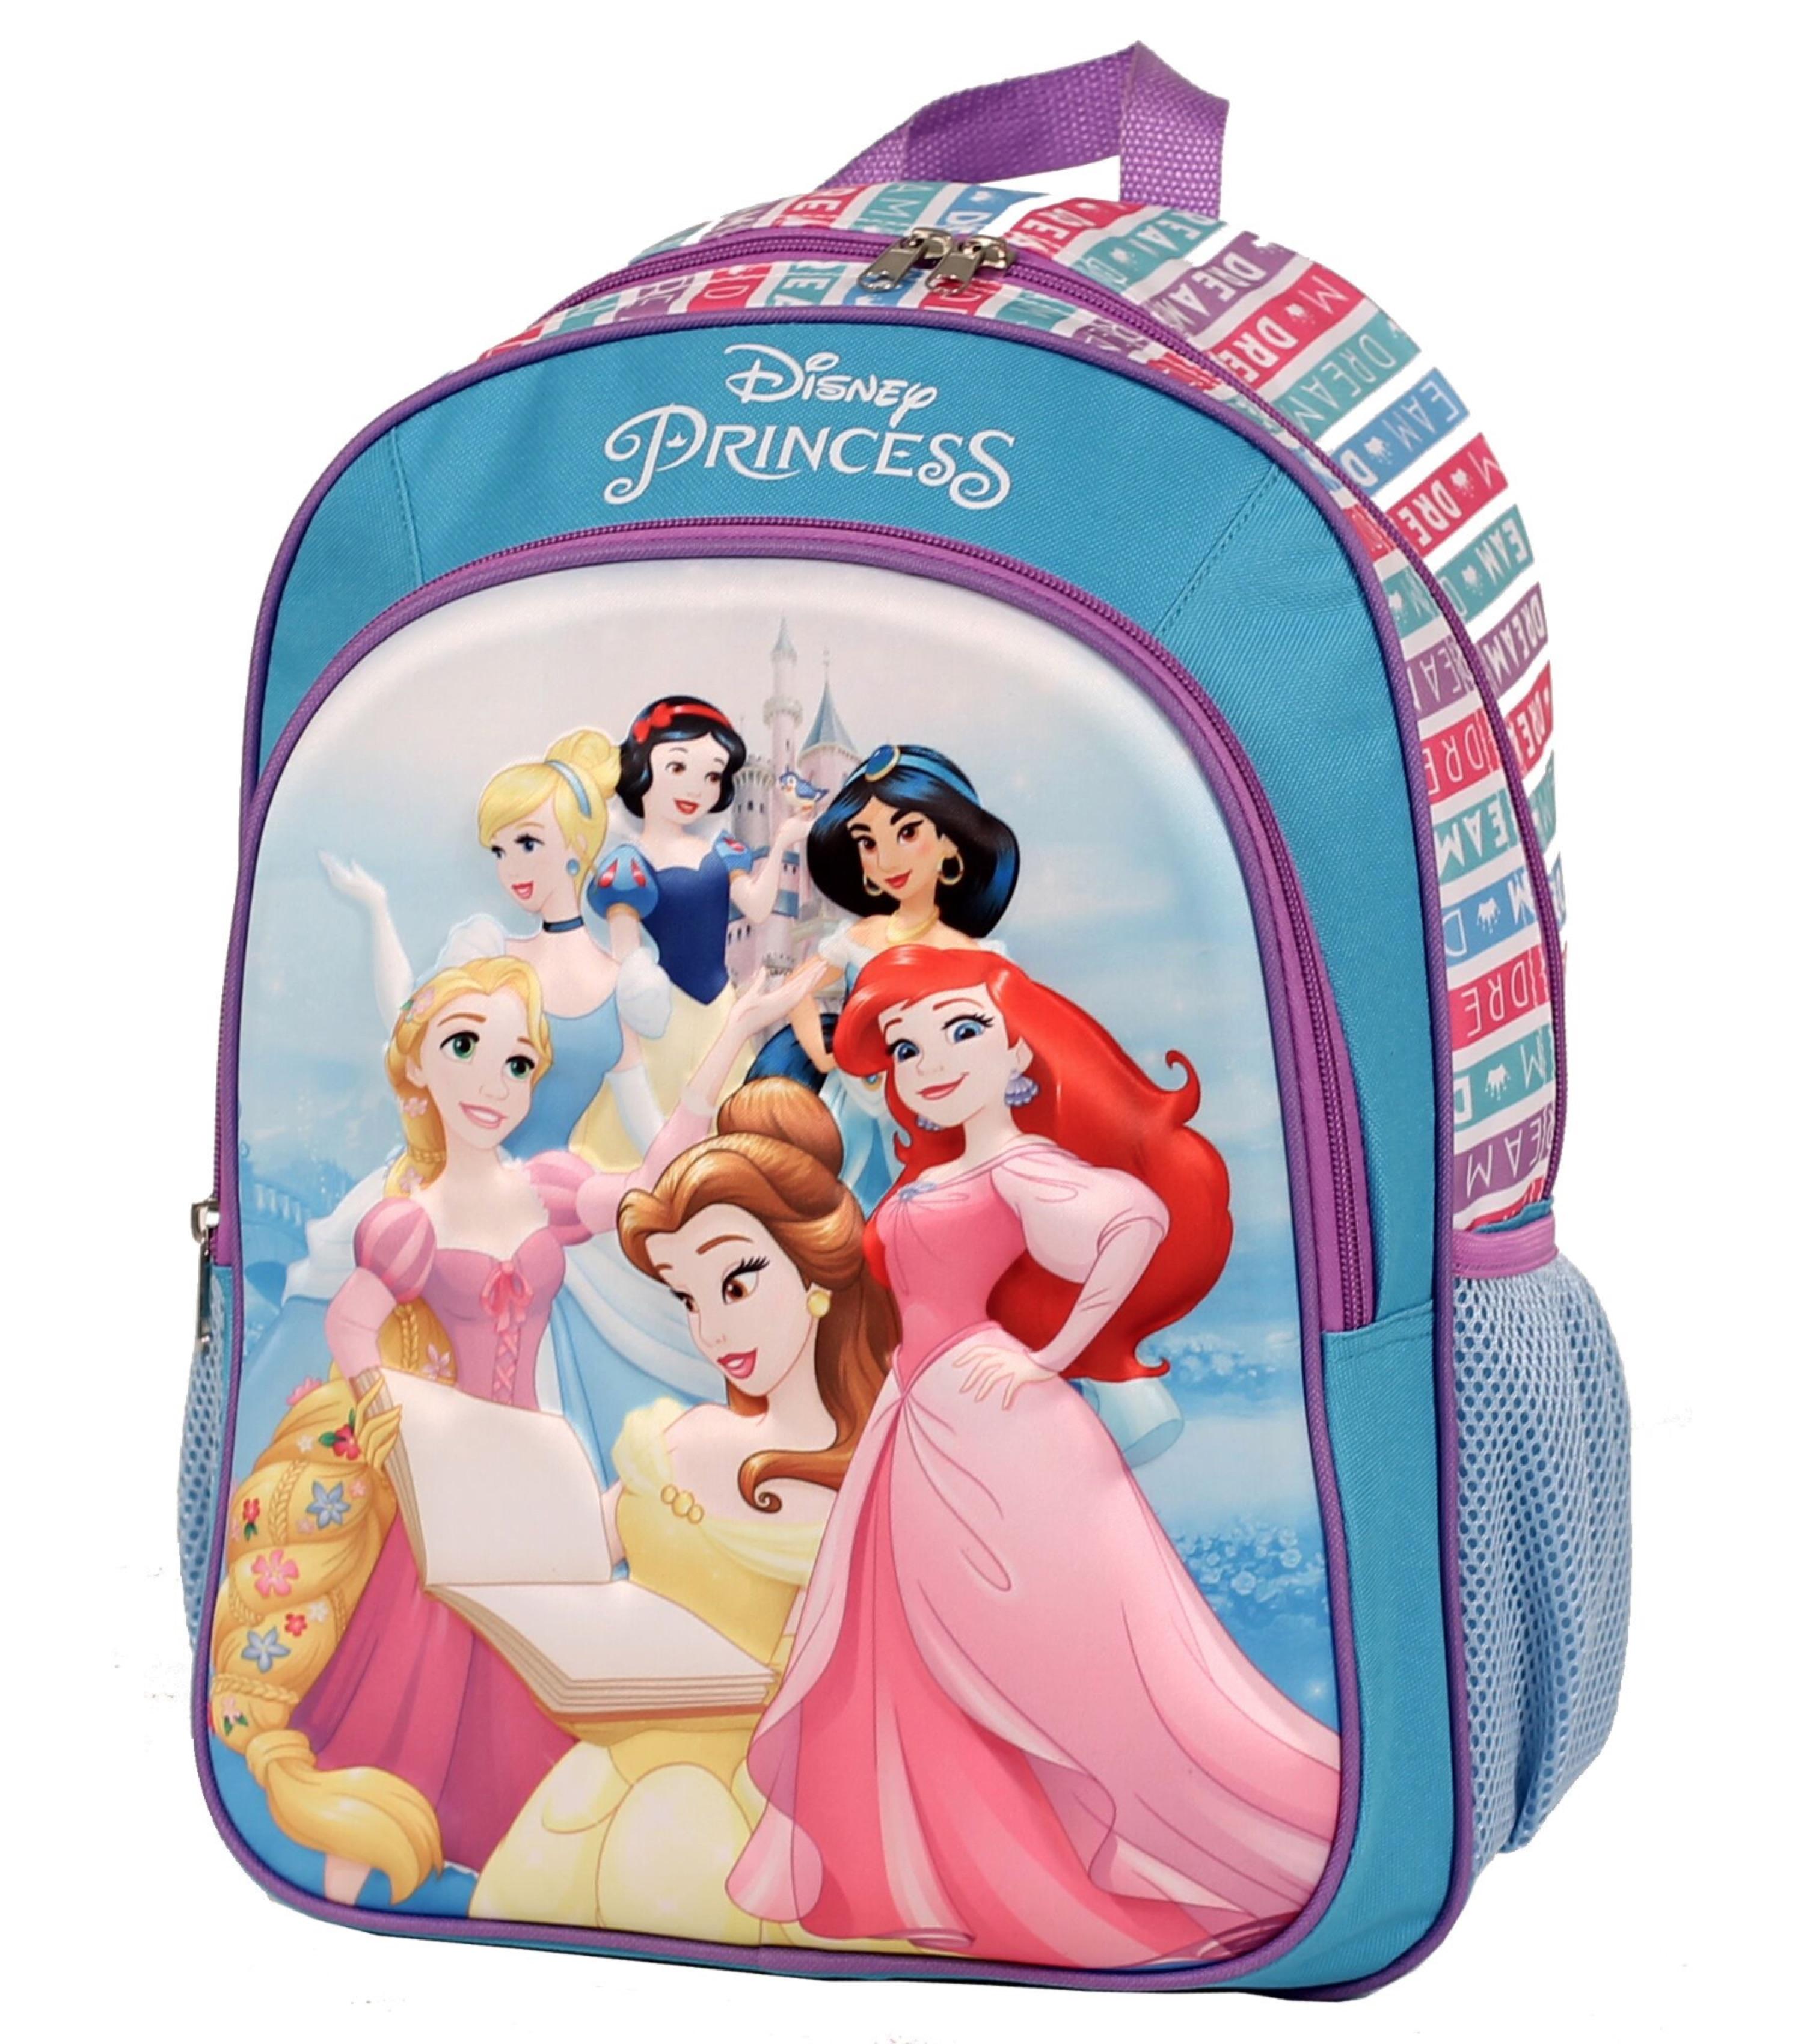 Disney Princess Kids Backpack by Disney (DIS178)